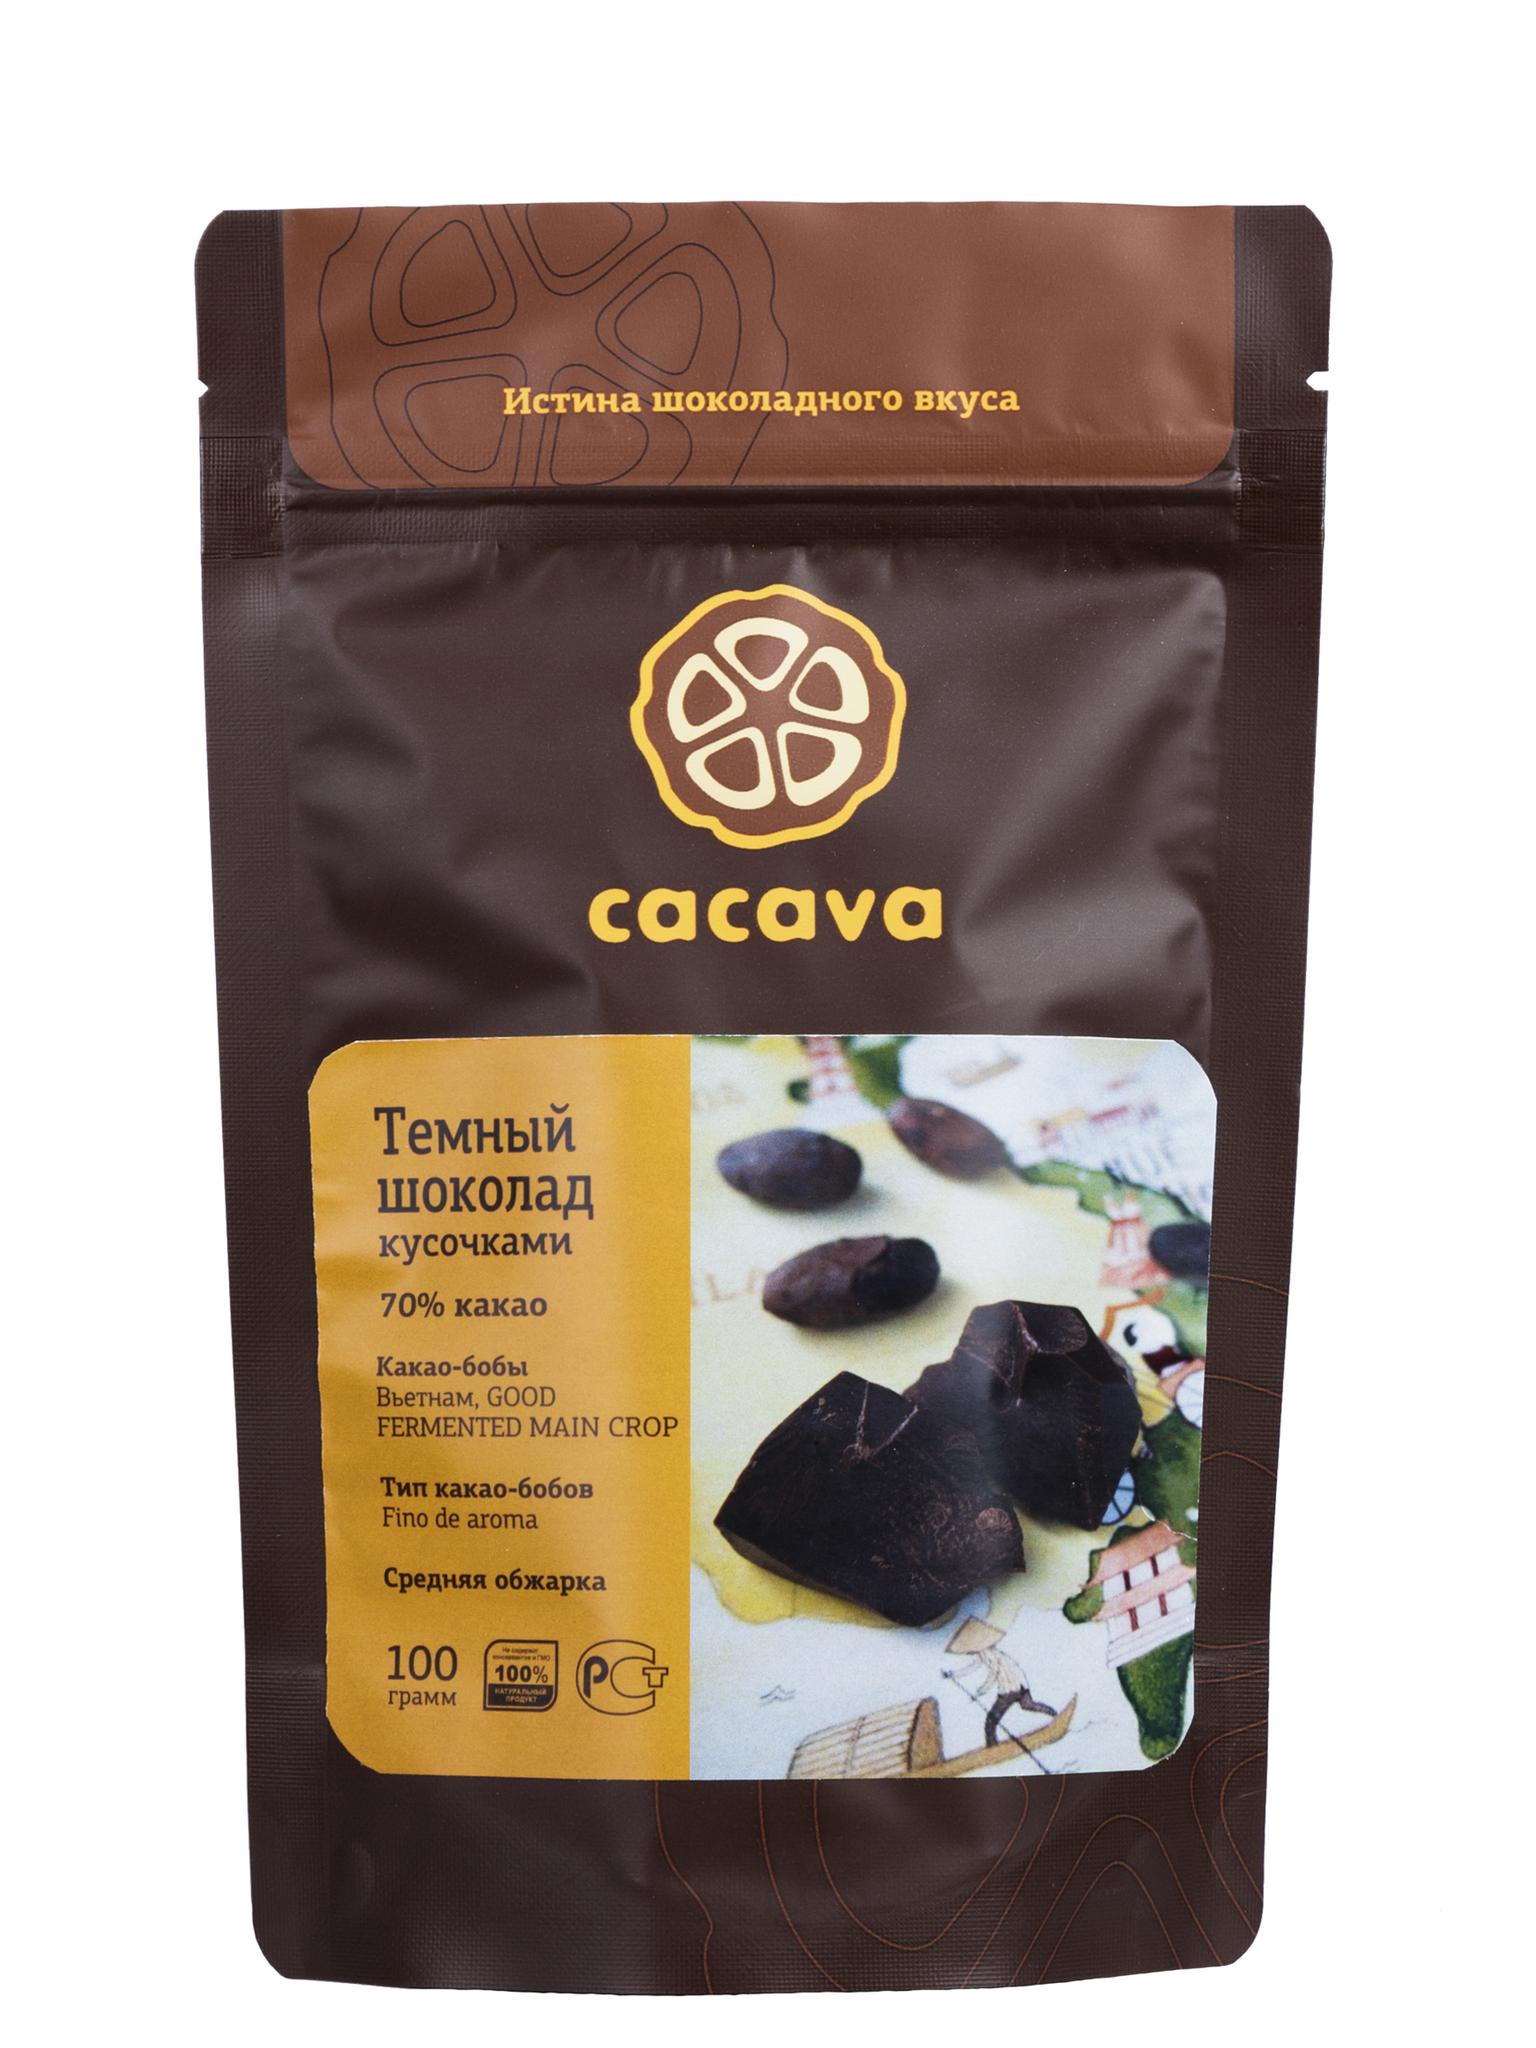 Тёмный шоколад 70 % какао (Вьетнам), упаковка 100 г